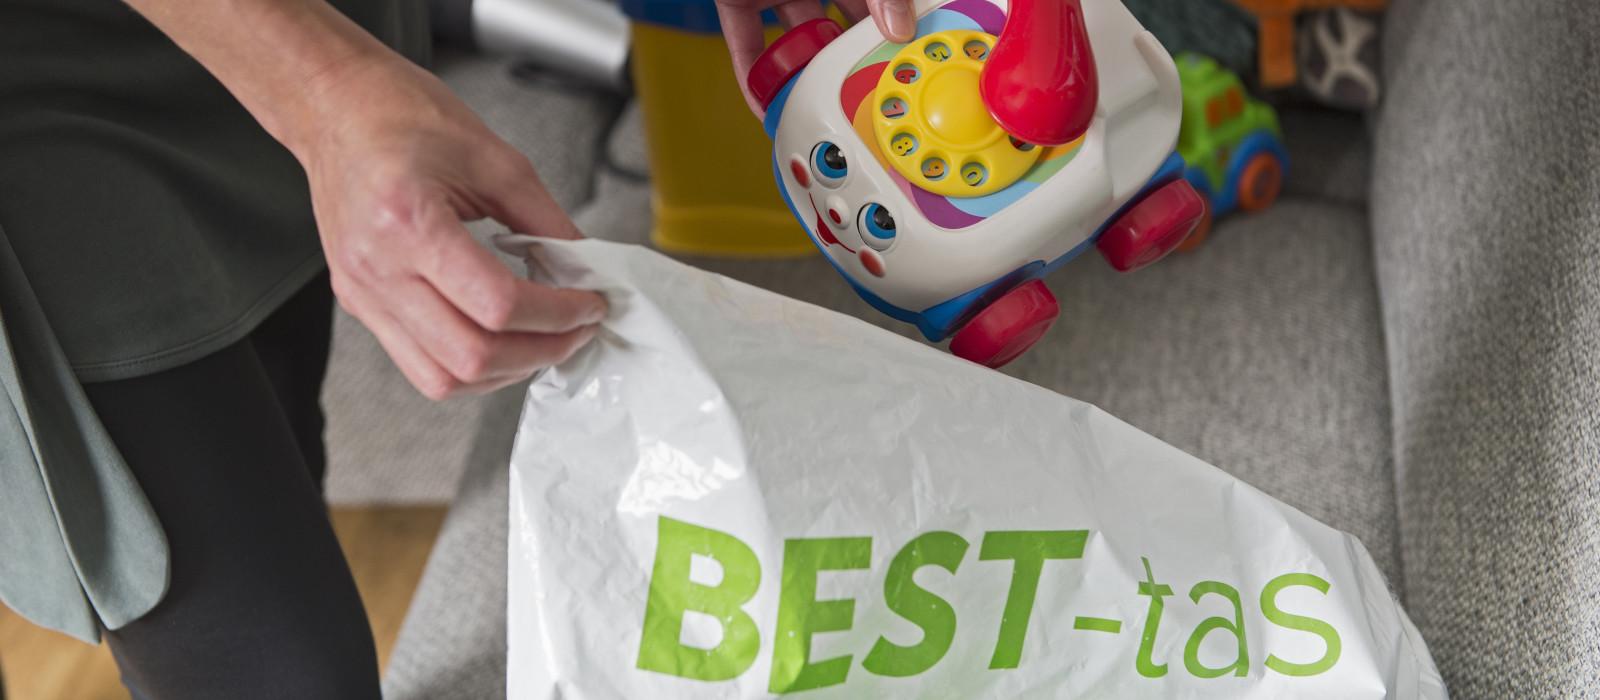 BEST-tas nu ook verkrijgbaar bij 't Warnshuus